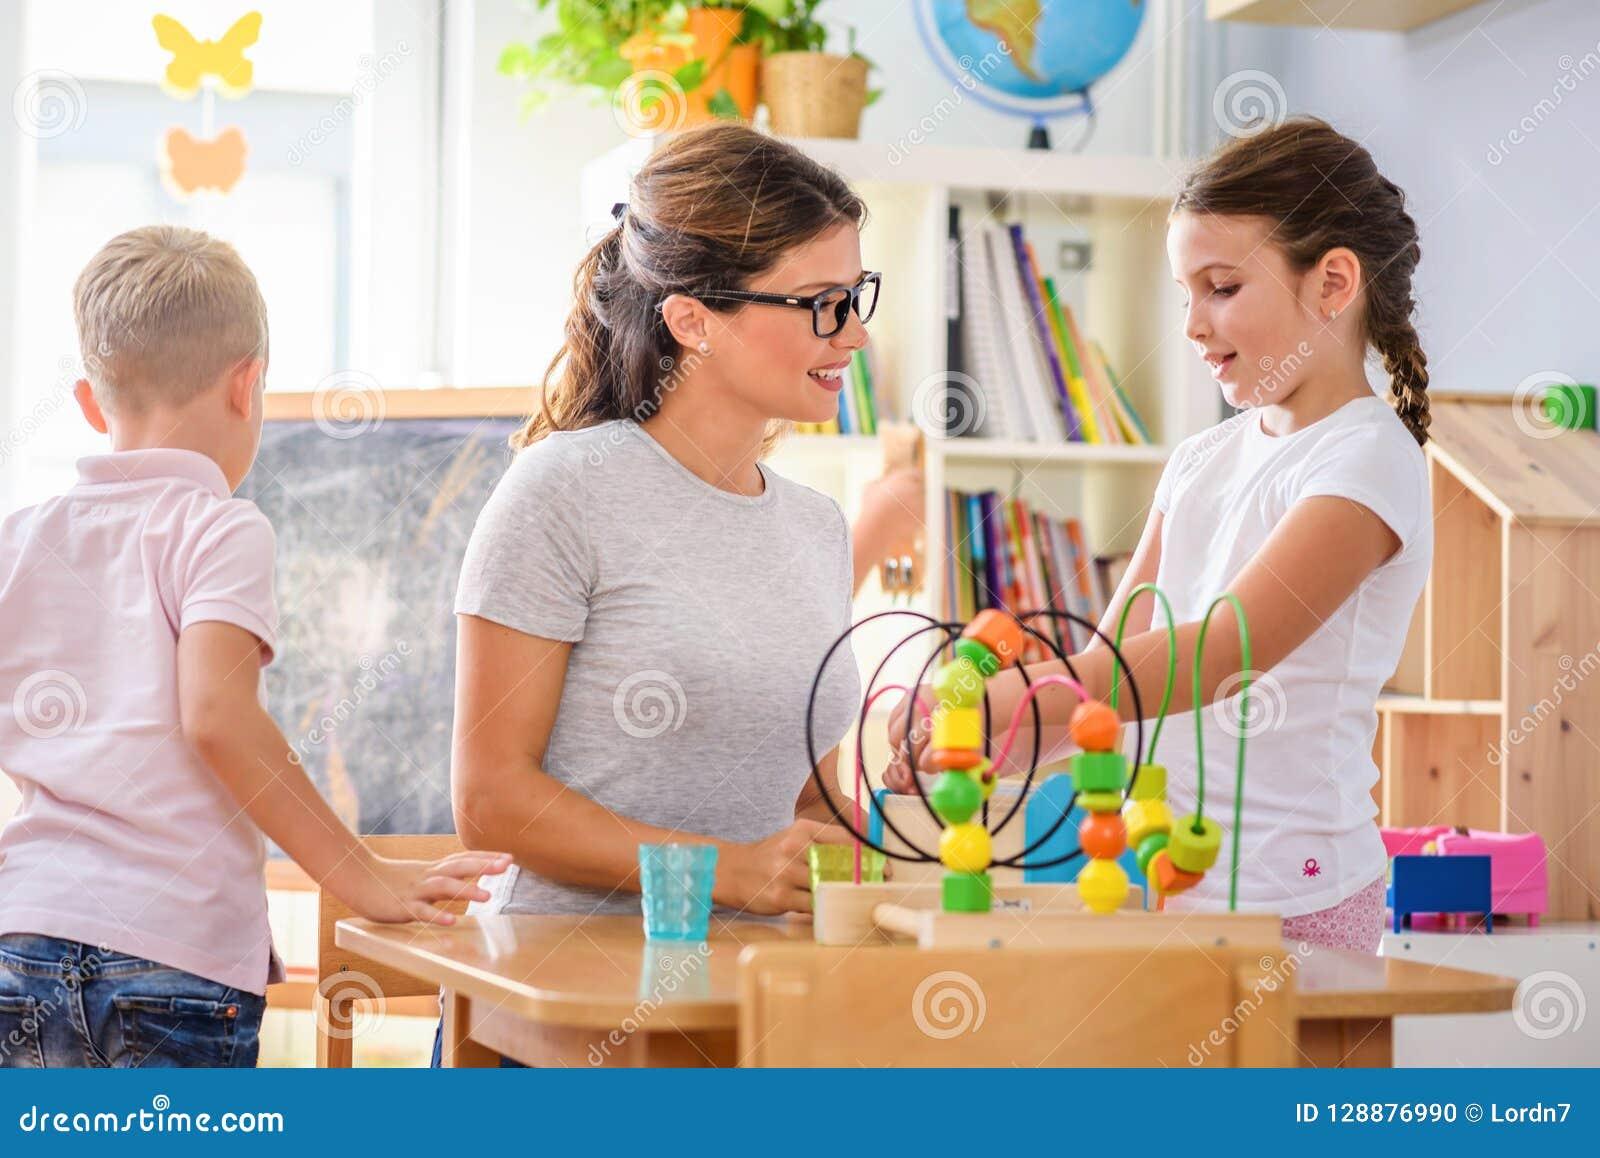 Peuterleraar met kinderen die met kleurrijk didactisch speelgoed bij kleuterschool spelen